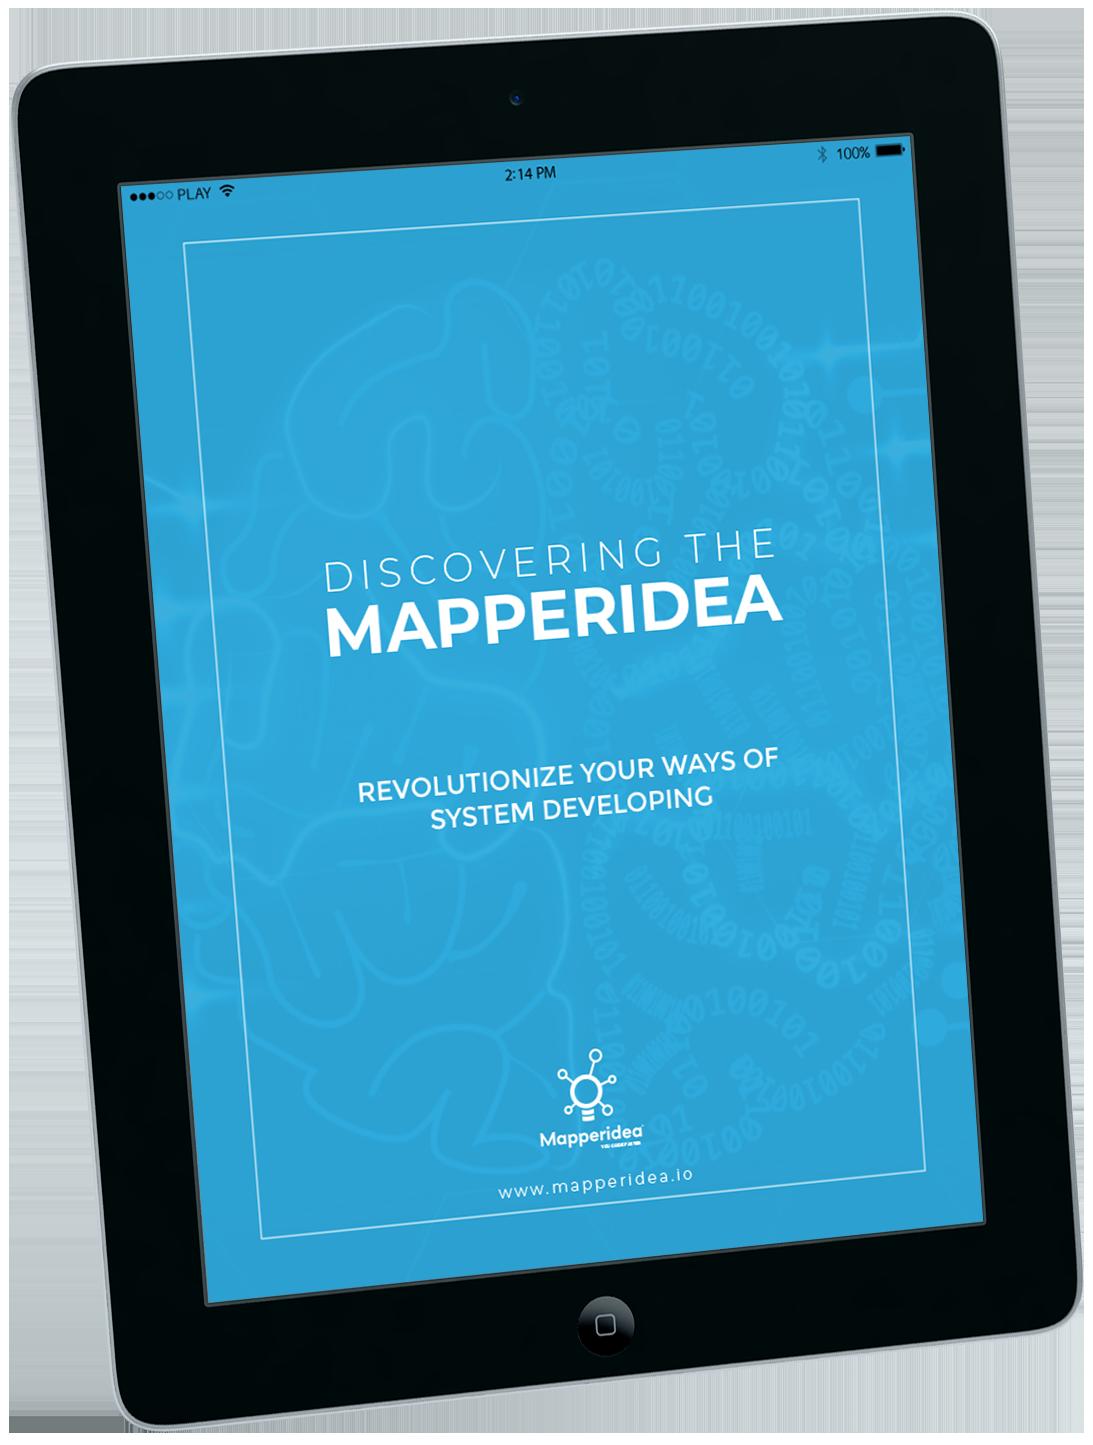 Descobrindo Mapperidea Ebook